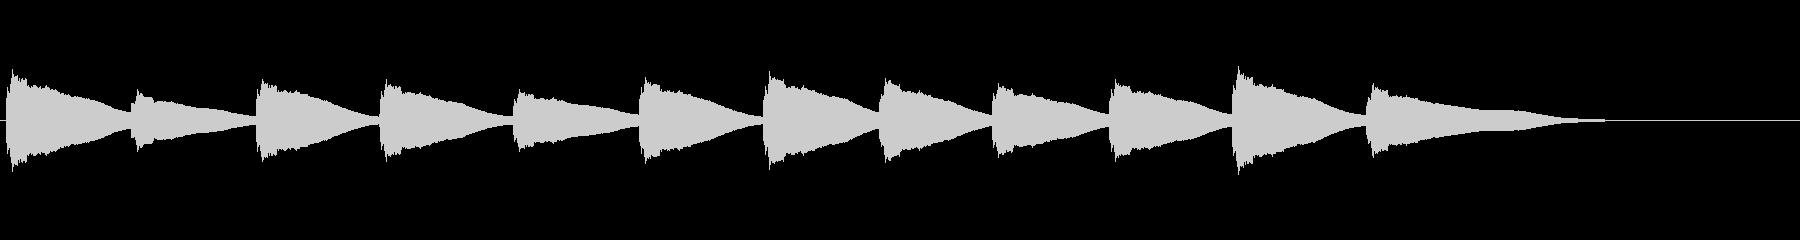 【鐘の音_02】カーン/教会/12時の未再生の波形